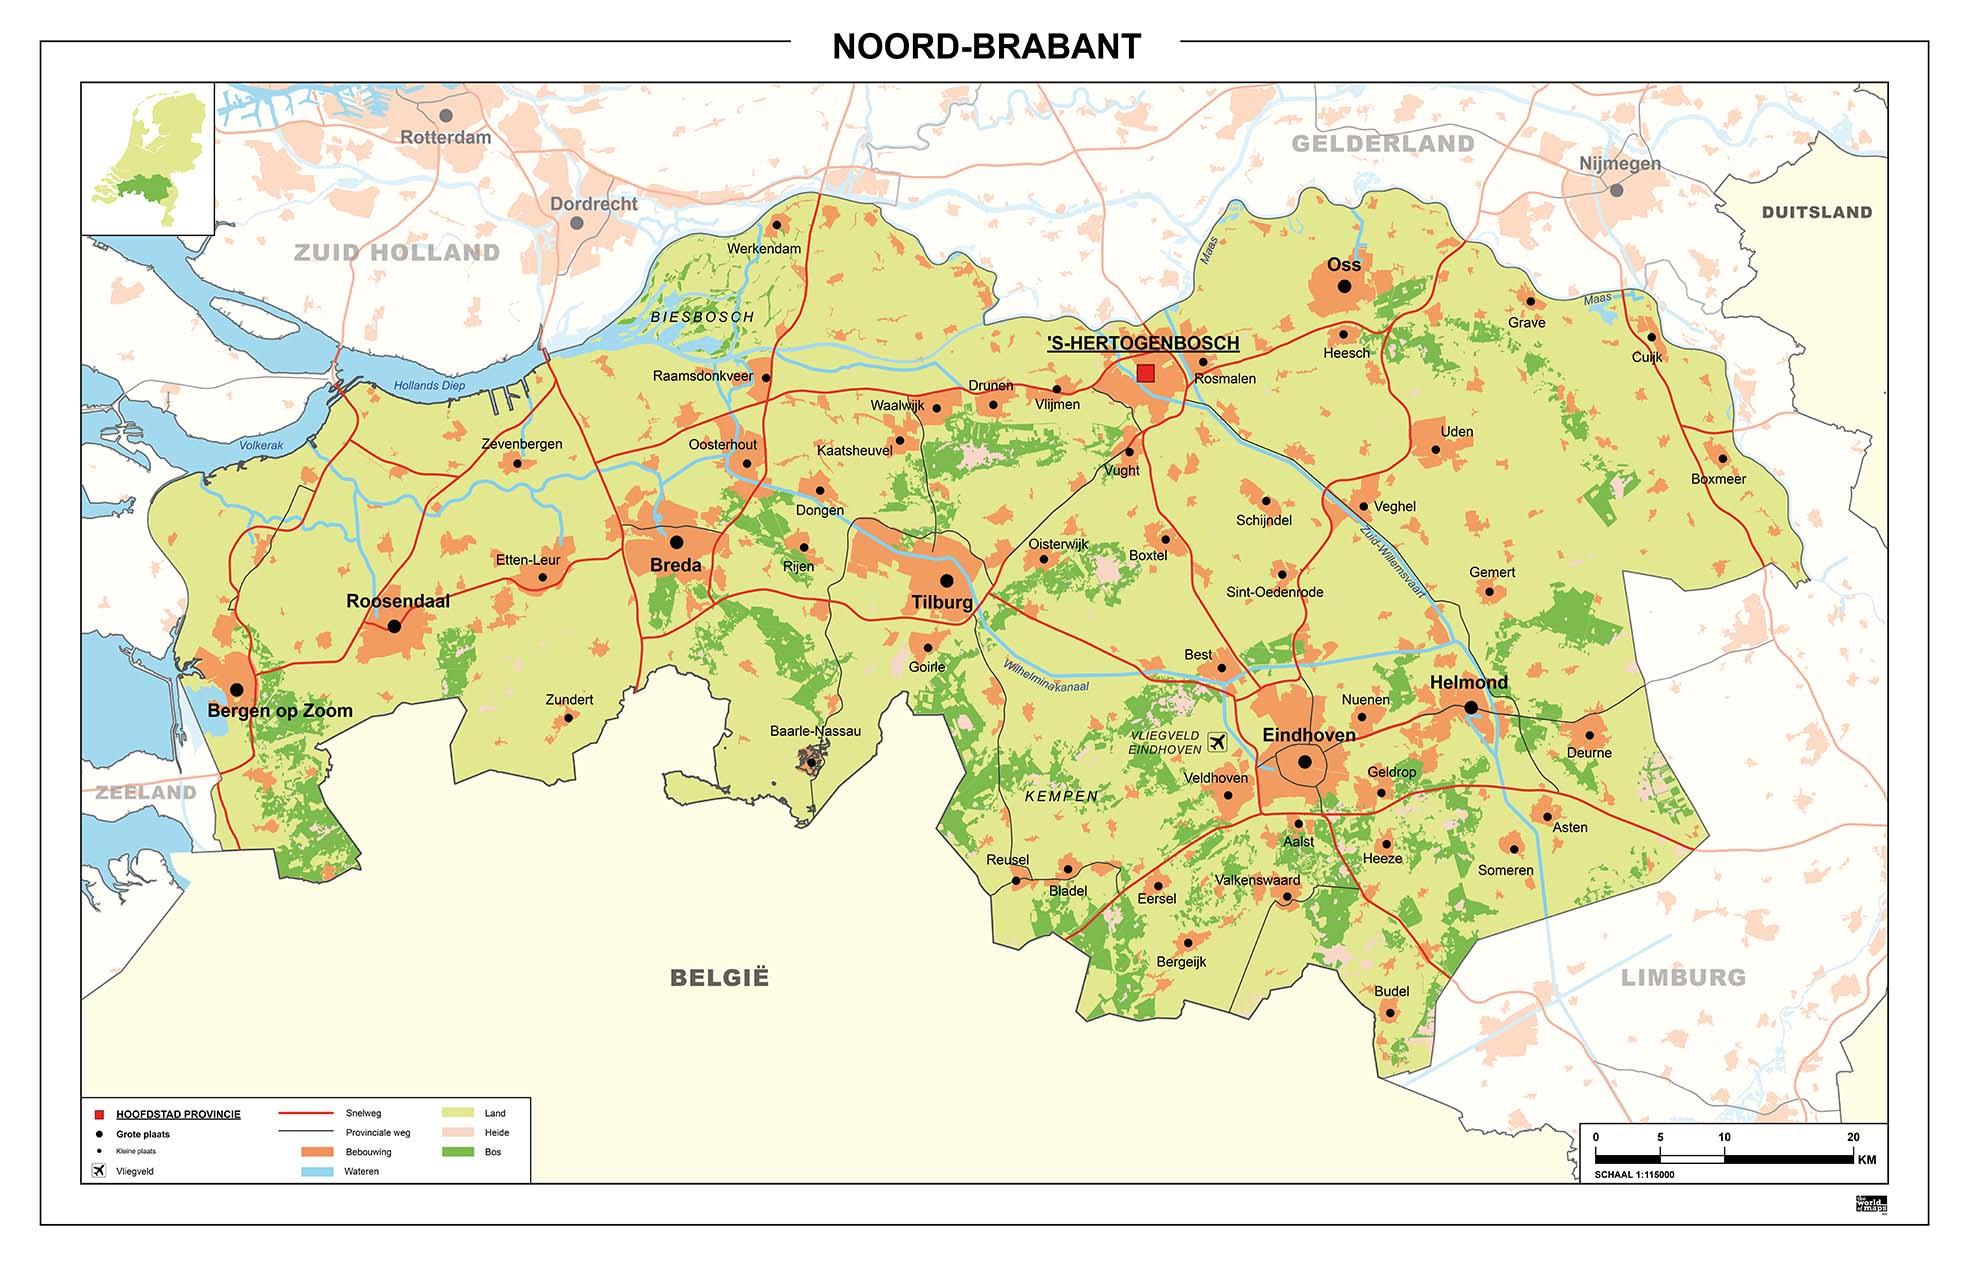 #AD5D1E22372908 H2 Kaart Noord Brabant Limburg Blinde Kaart Pictures To Pin On  betrouwbaar Design Meubelen Noord Brabant 1717 afbeelding opslaan 196912661717 Idee